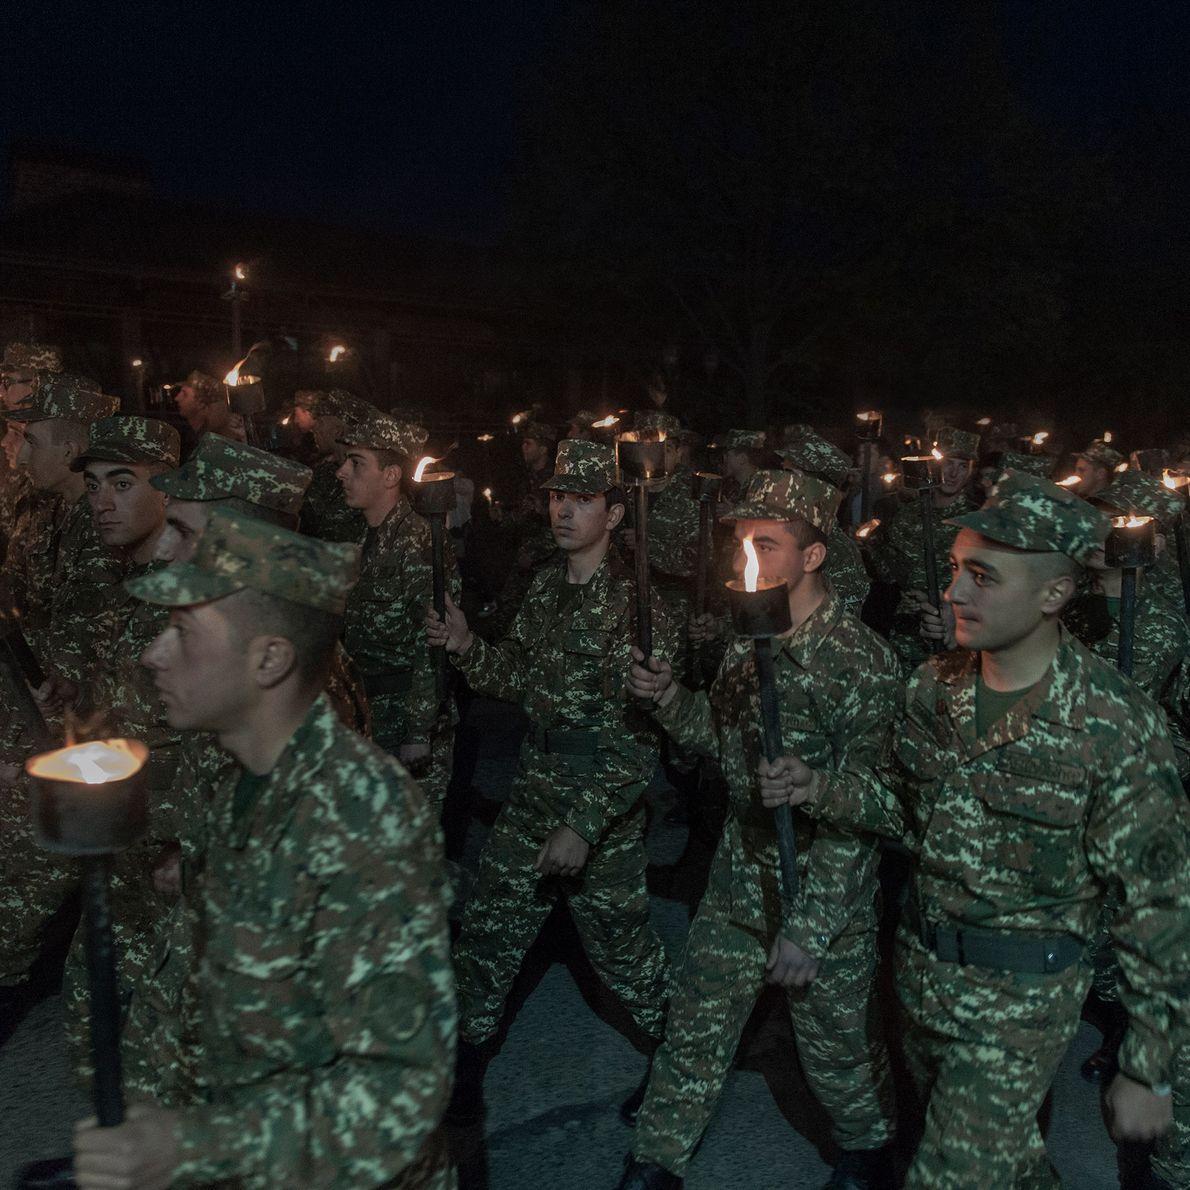 Une marche nocturne pour commémorer l'anniversaire du génocide arménien dans l'enclave du Haut-Karabagh.